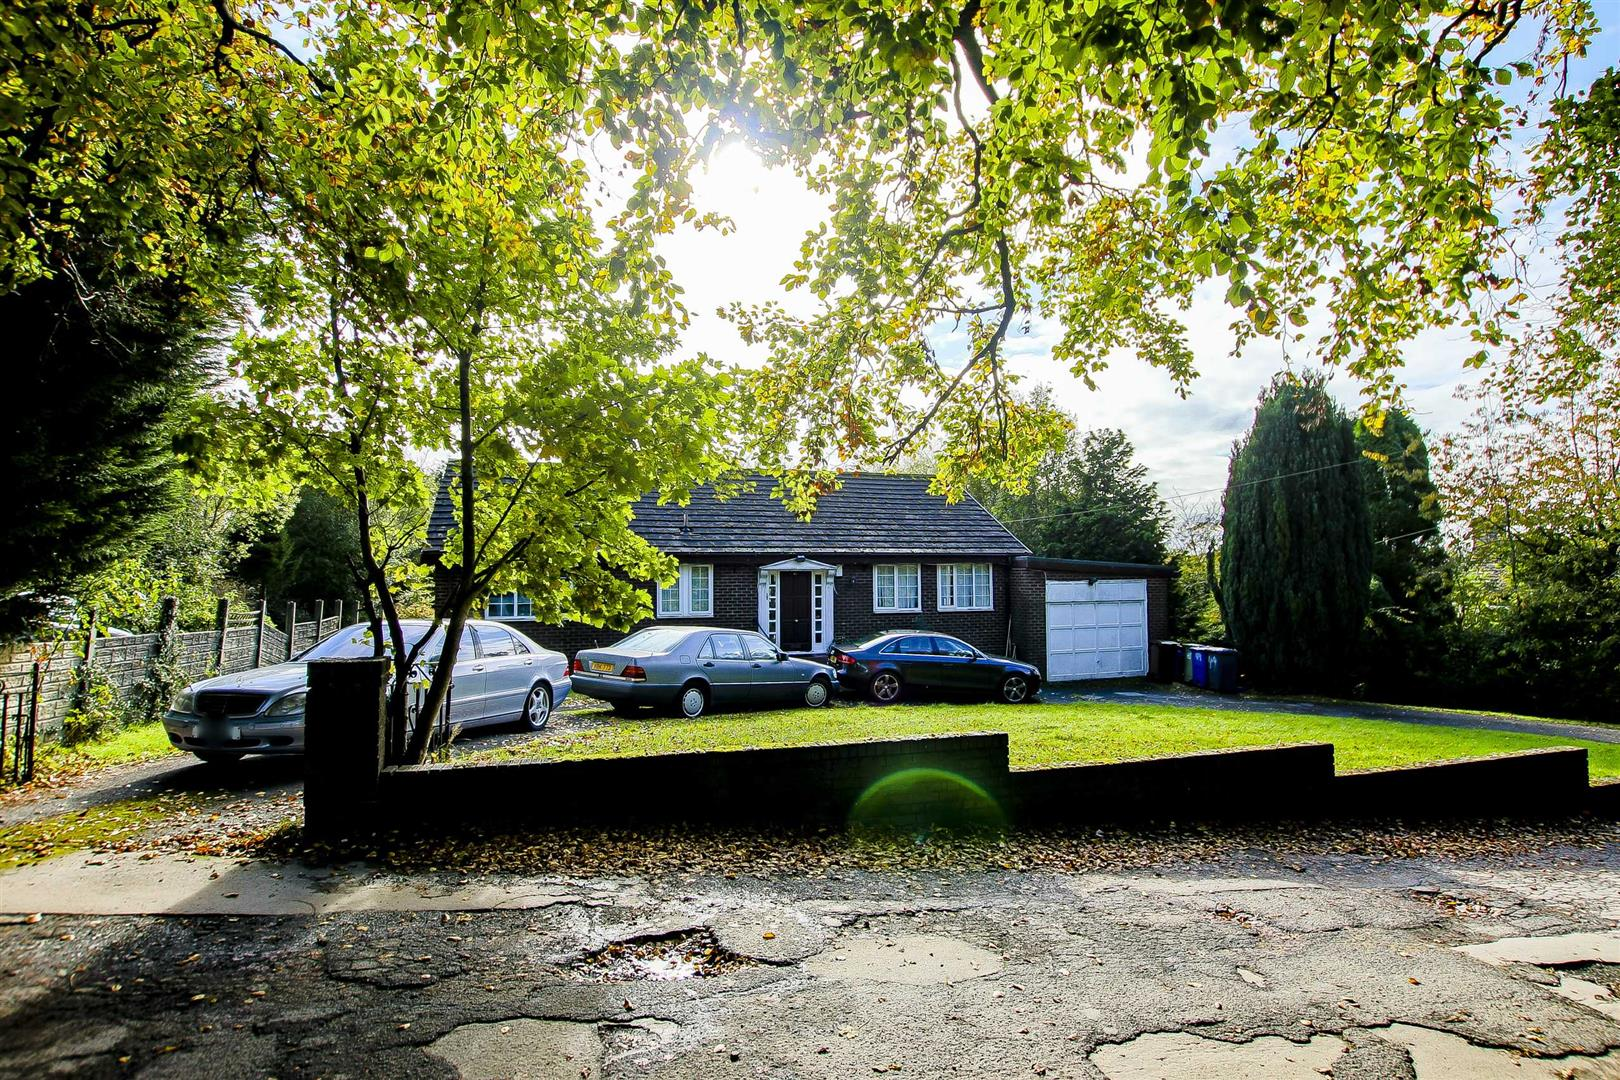 5 Bedroom Building Plot Land For Sale - Image 12